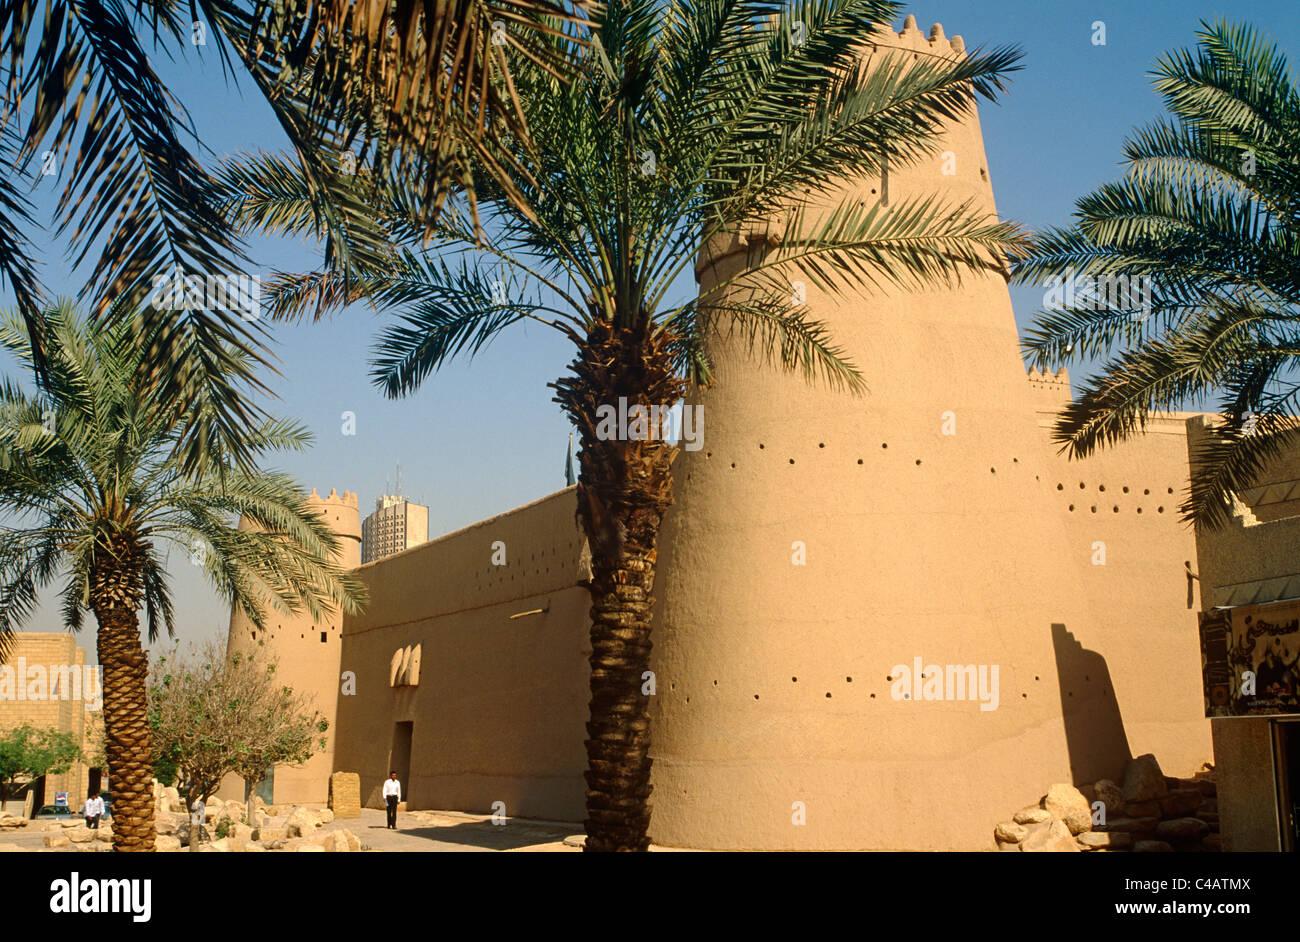 Saudi Arabia, Riyadh. Built in around 1865 and now much restored, Masmak Fort (or Qasr al-Masmak) Stock Photo